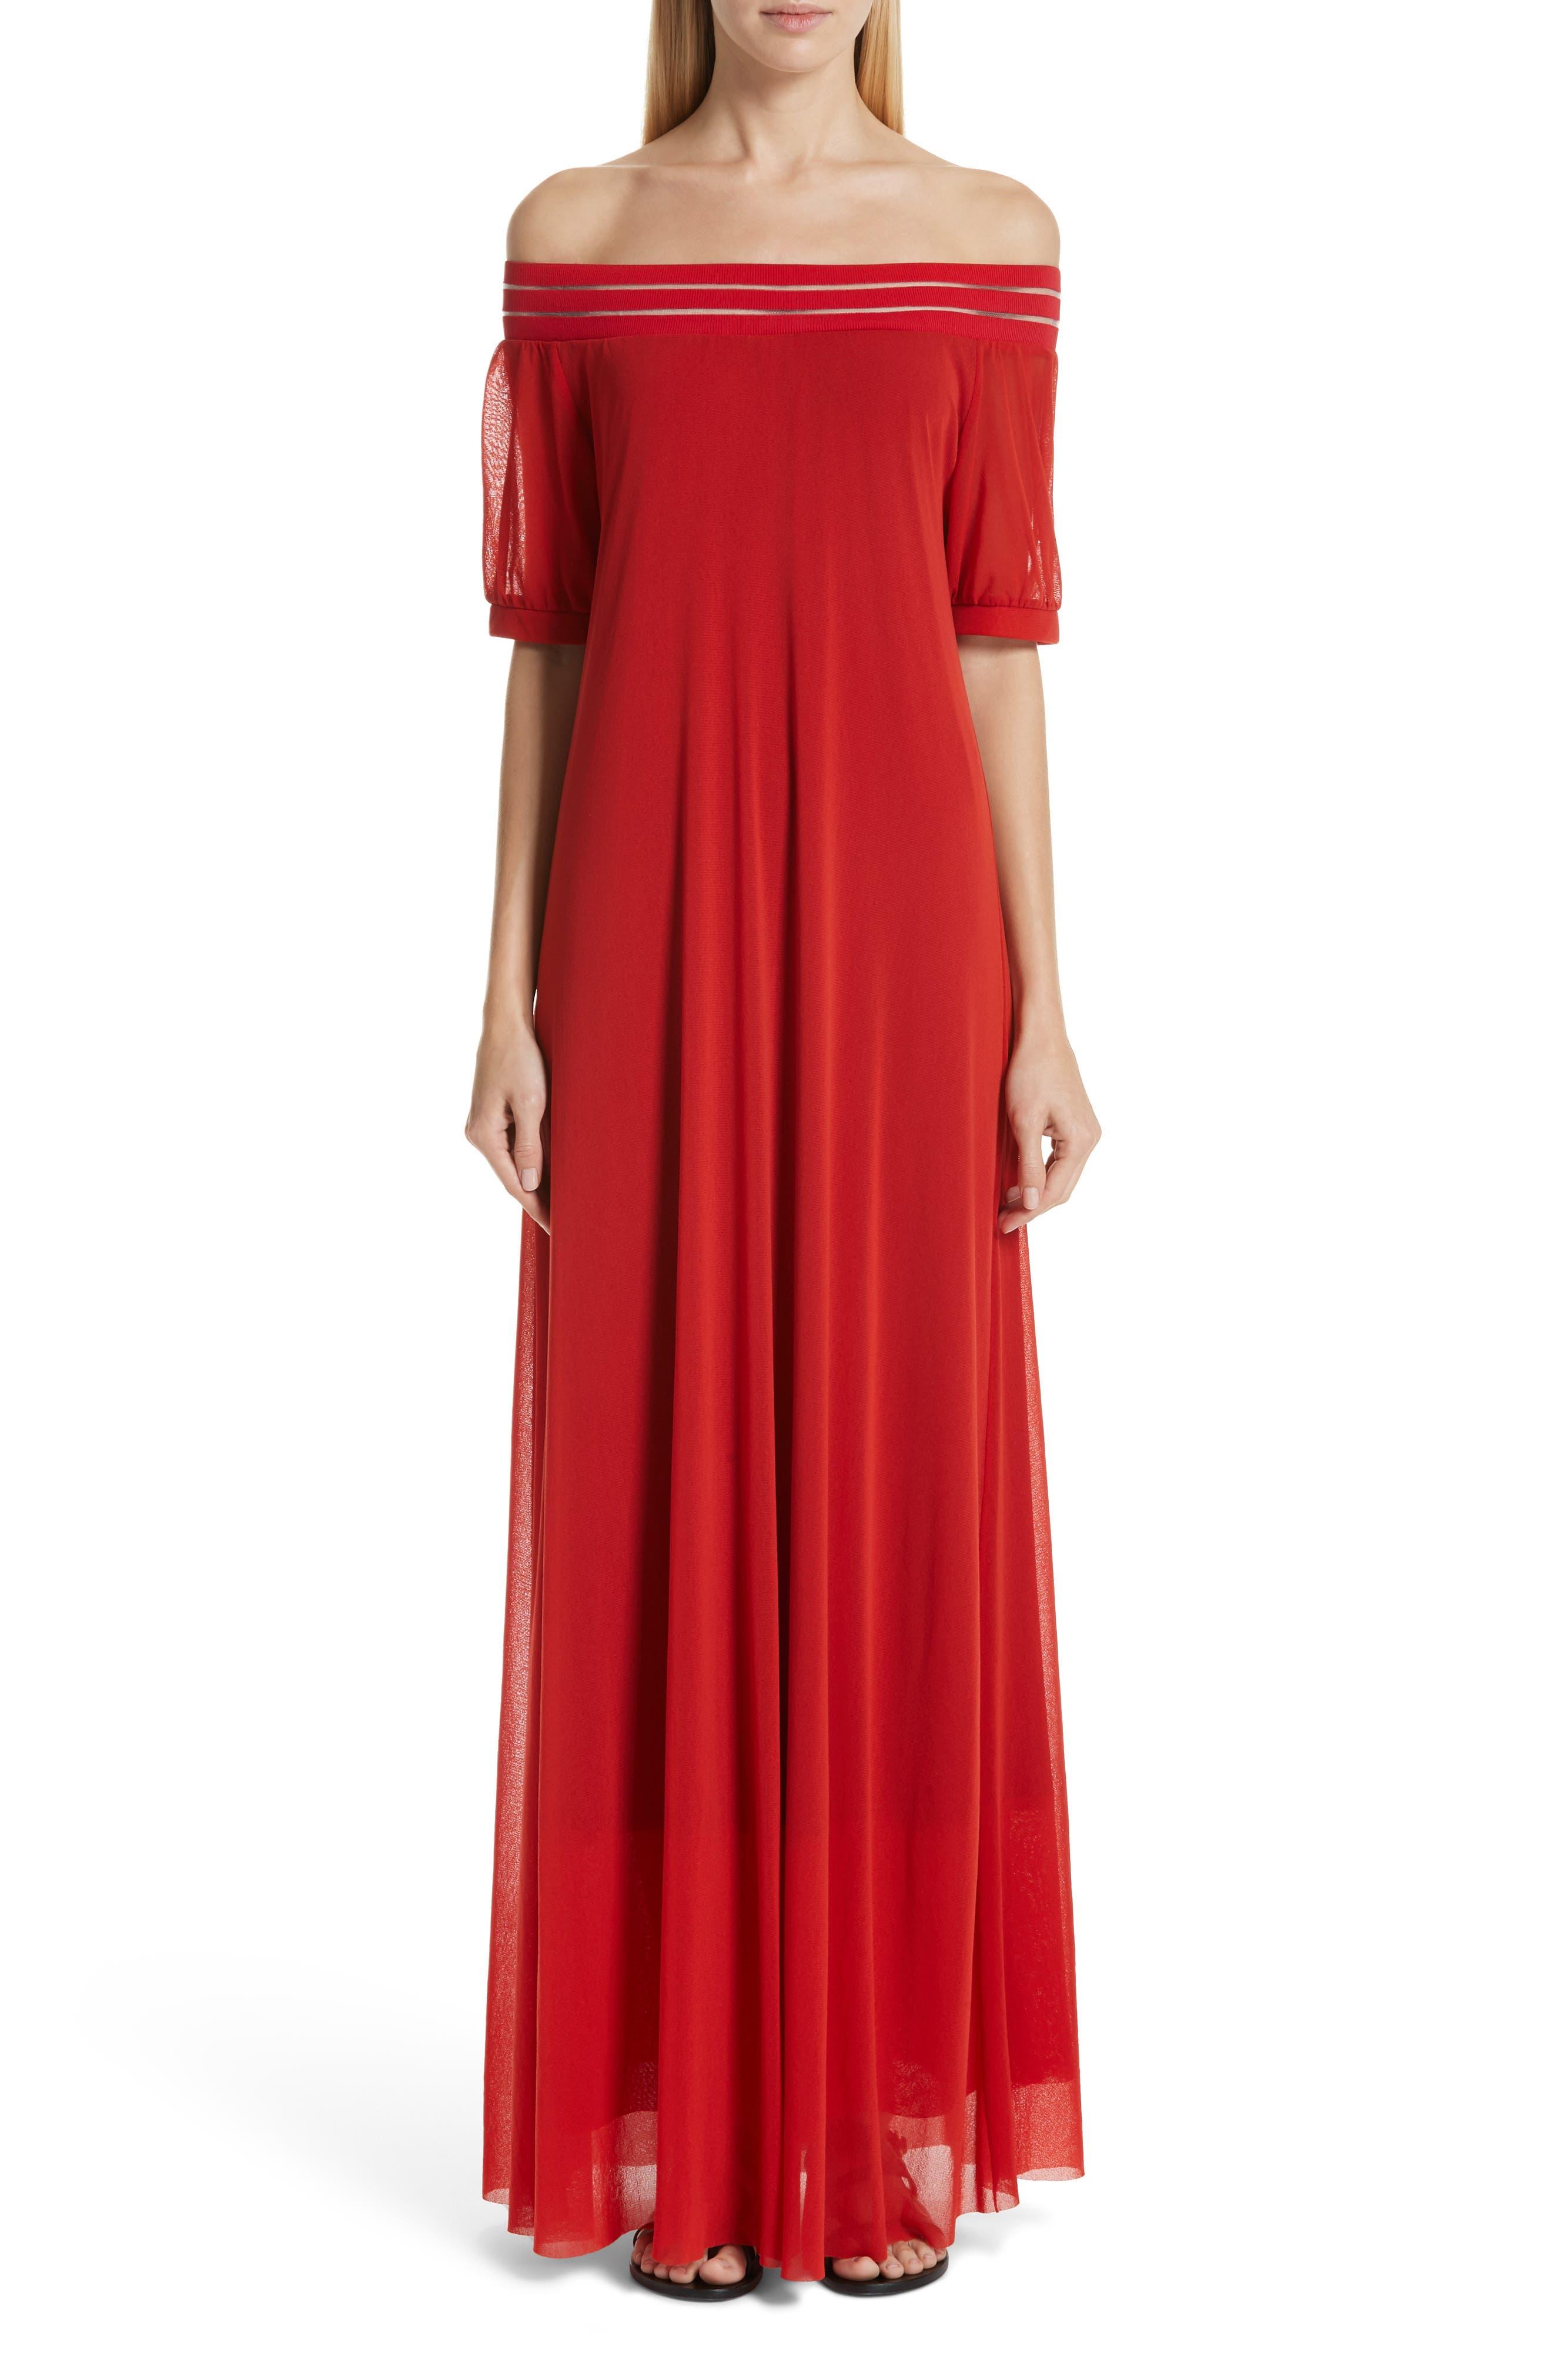 Fuzzi Illusion Off The Shoulder Maxi Dress